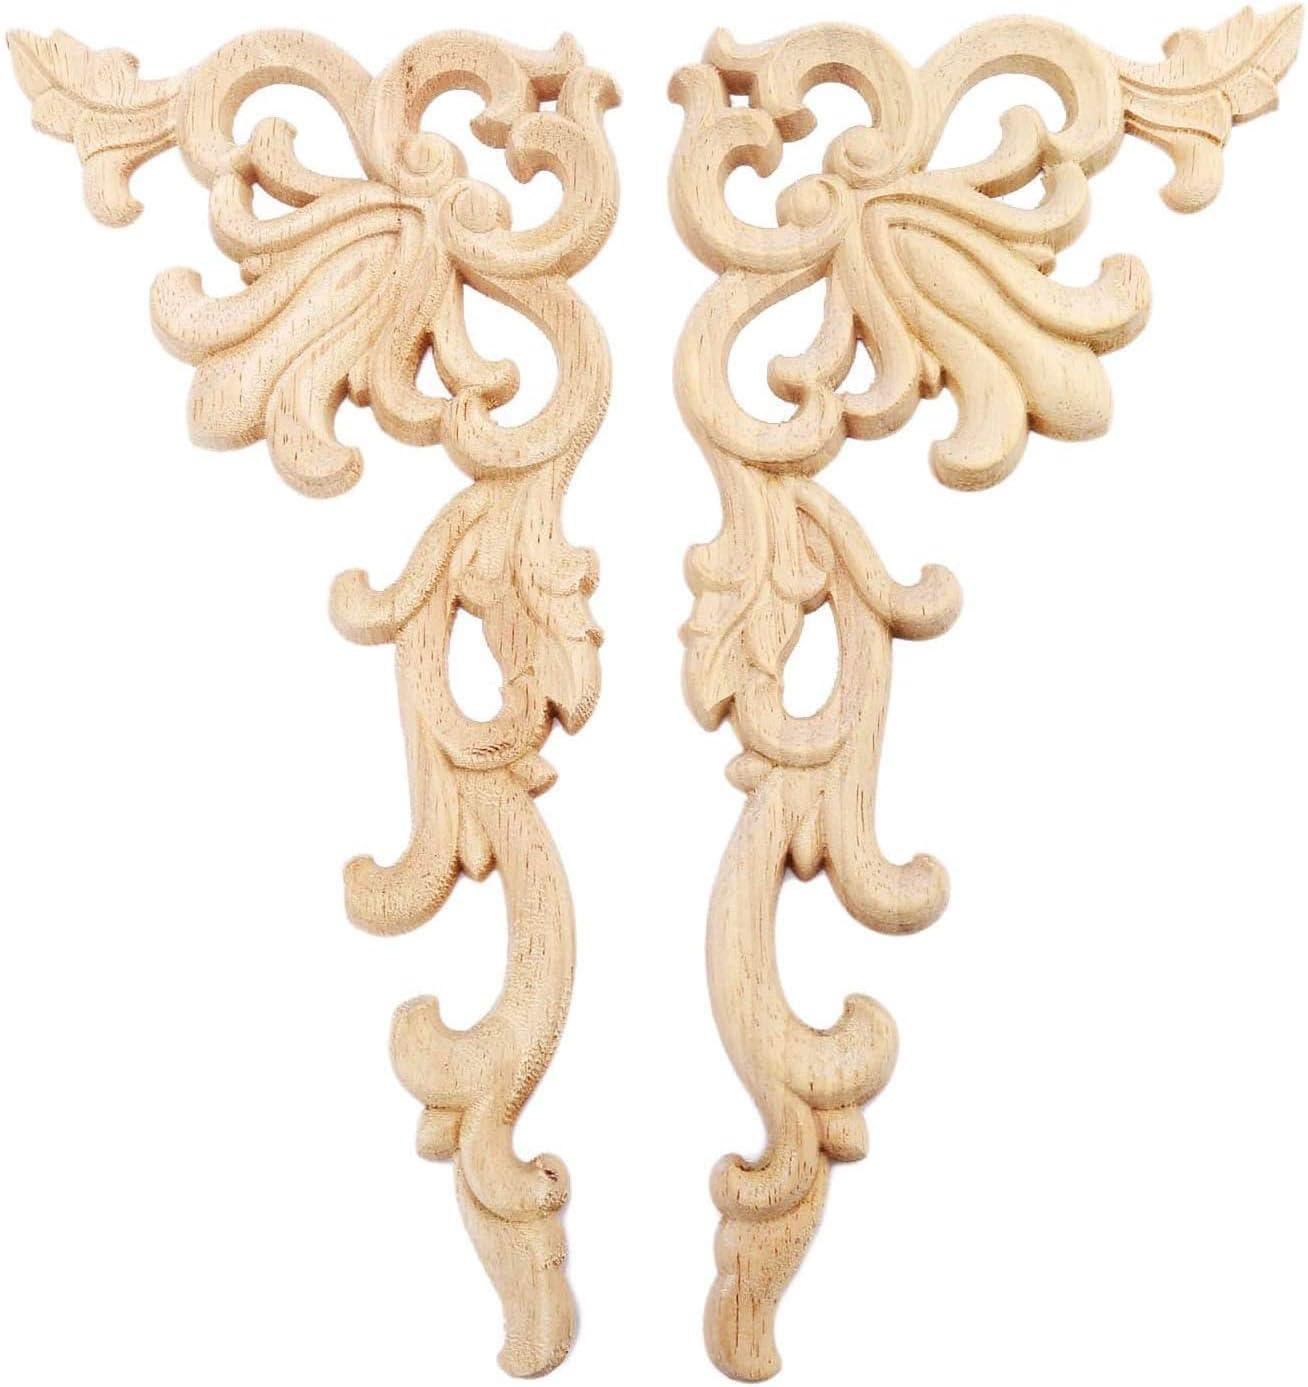 Domilay 4 Pi/èCes S/éRies Europ/éEn Floral Artisanat Meubles D/éCoratifs Sculpt/é Applique Bois Moderne Mur Cadre Coin Porte